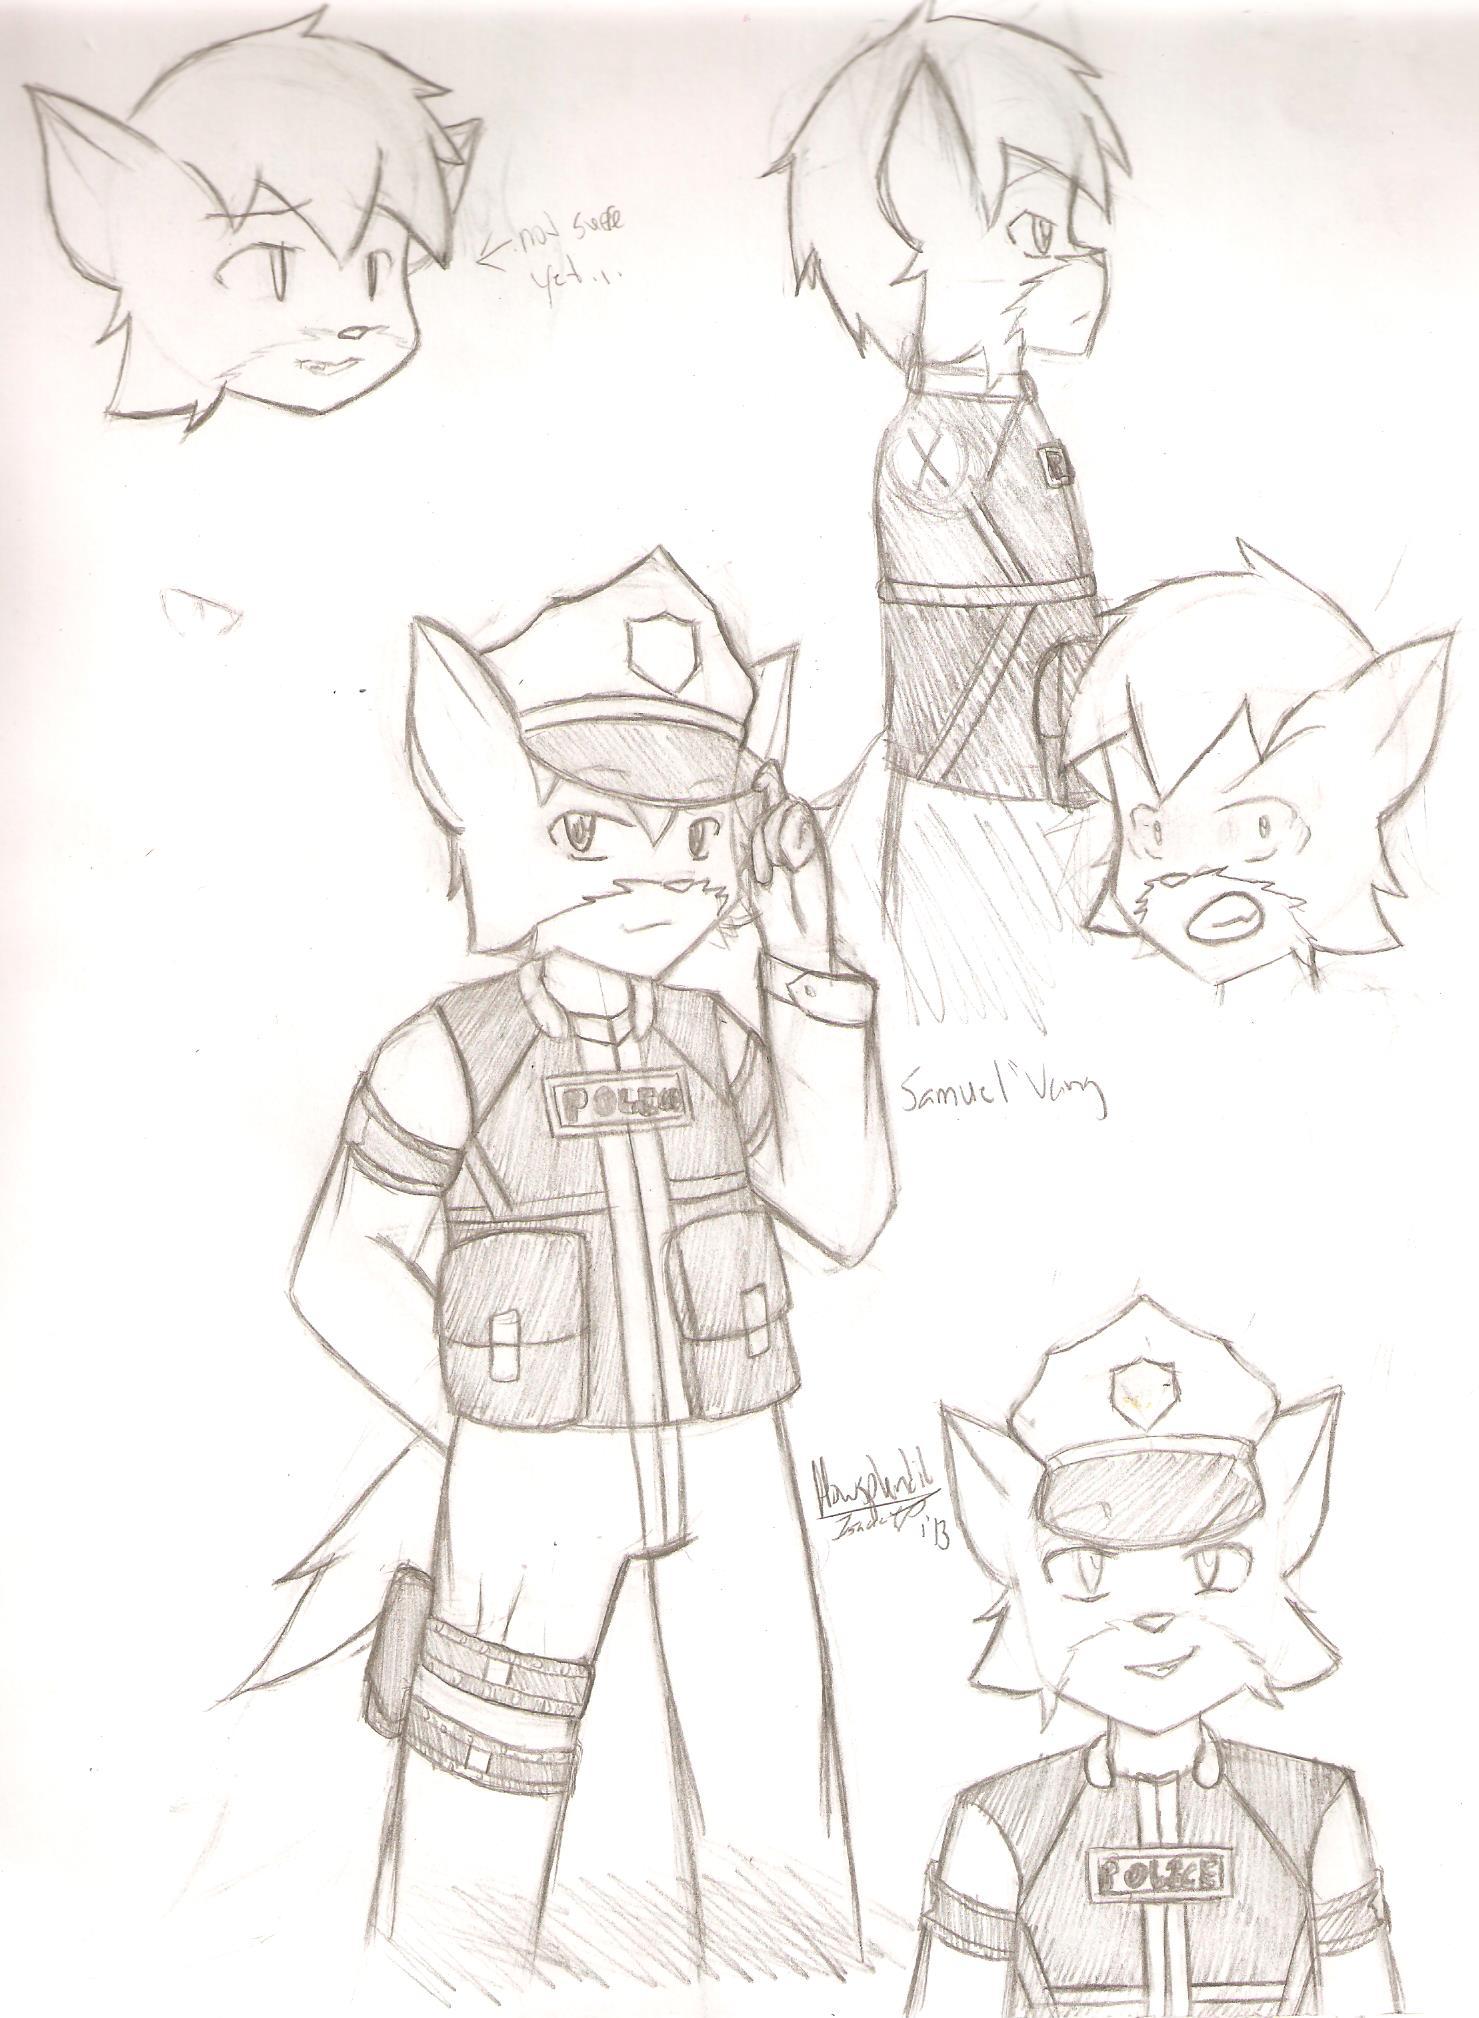 Samuel Vang character concept